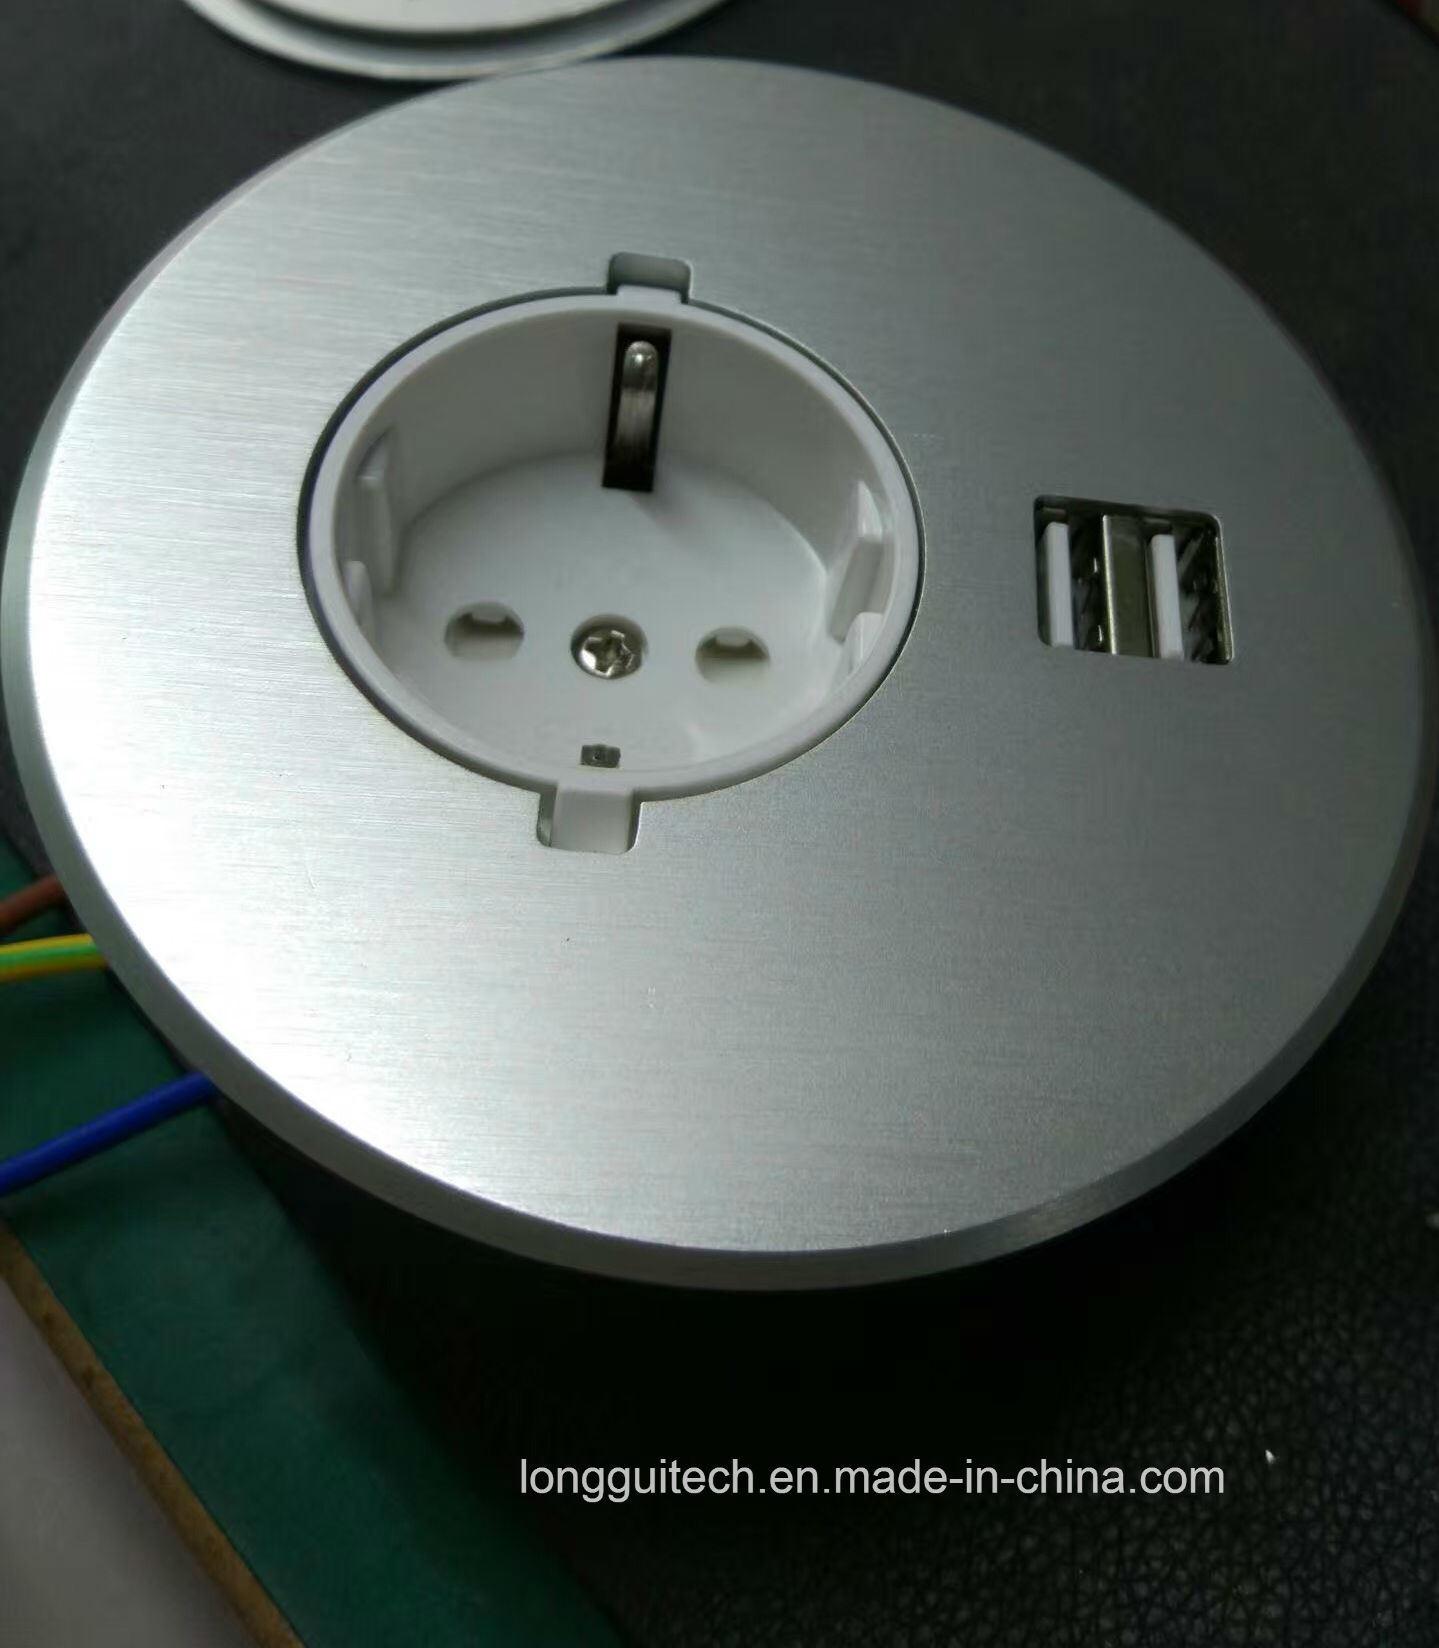 Desktop Socket with USB Charger Lgt-810e